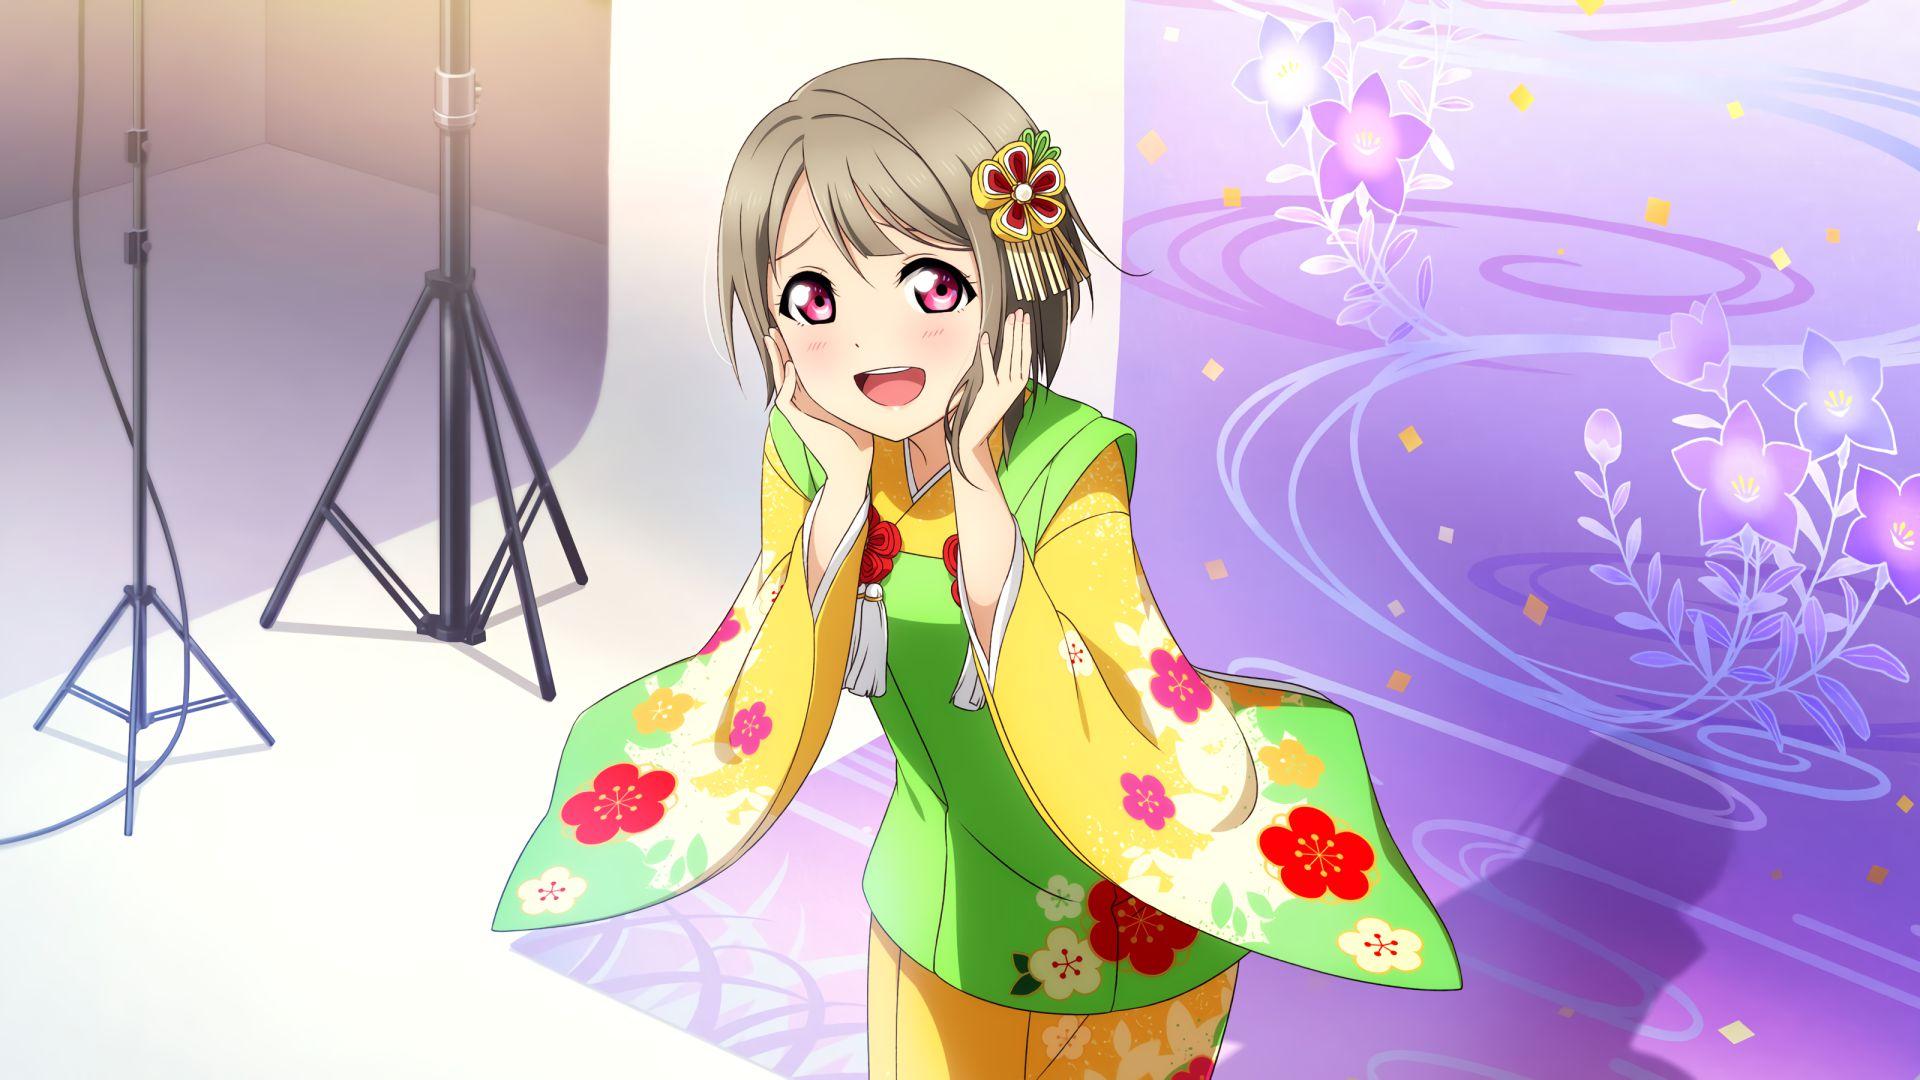 ラブライブ虹ヶ咲-中須かすみPC壁紙